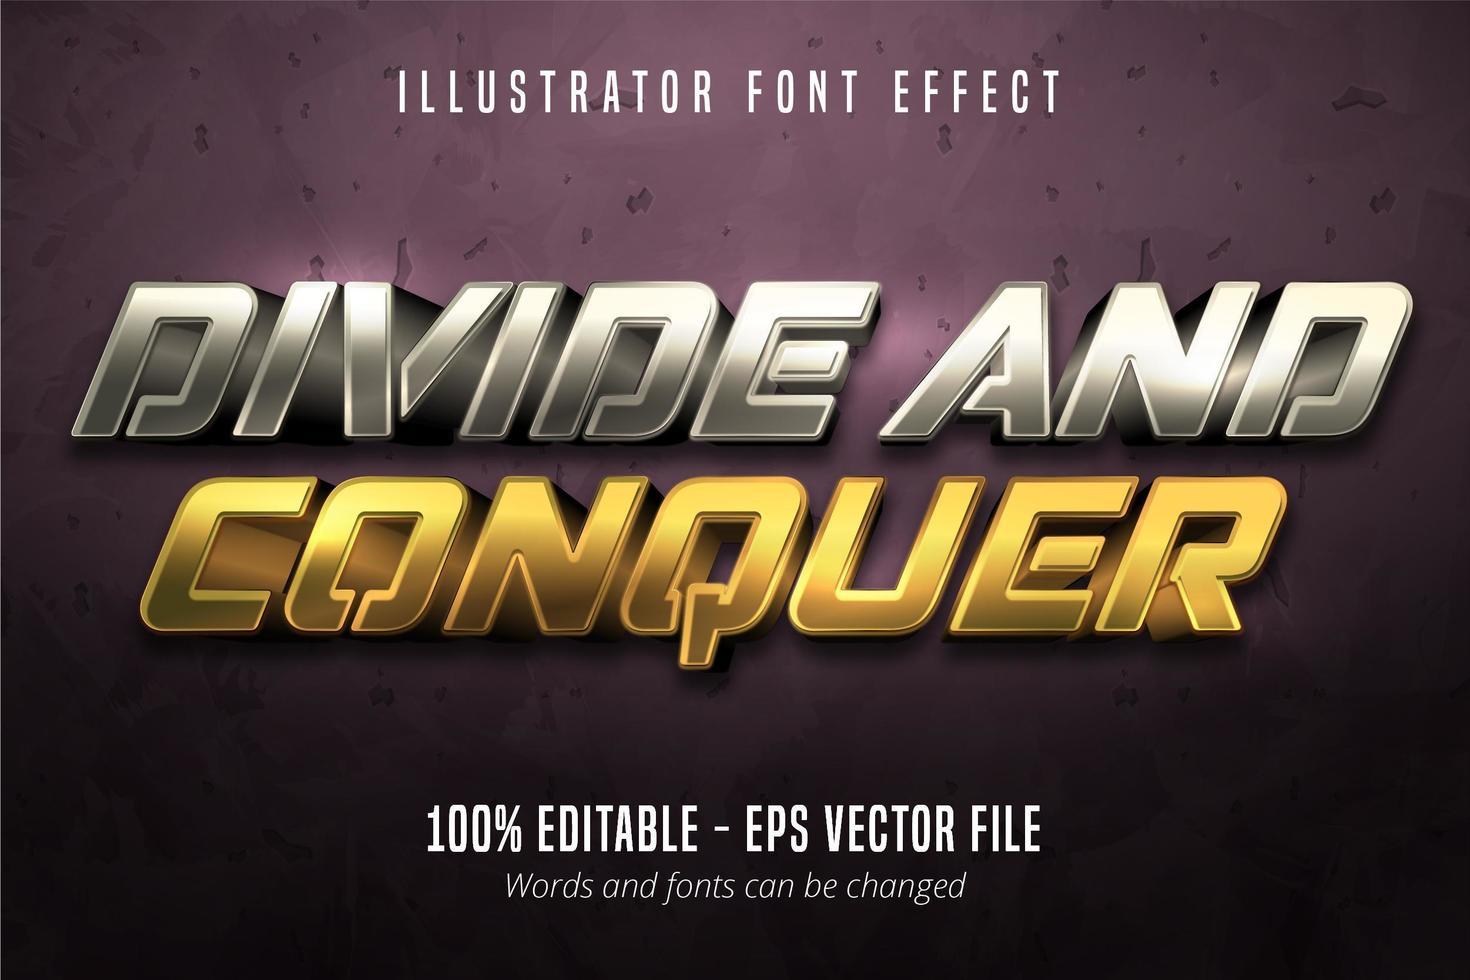 dela och erövra text, redigerbar typsnittseffekt för guld och silver i metallisk stil vektor